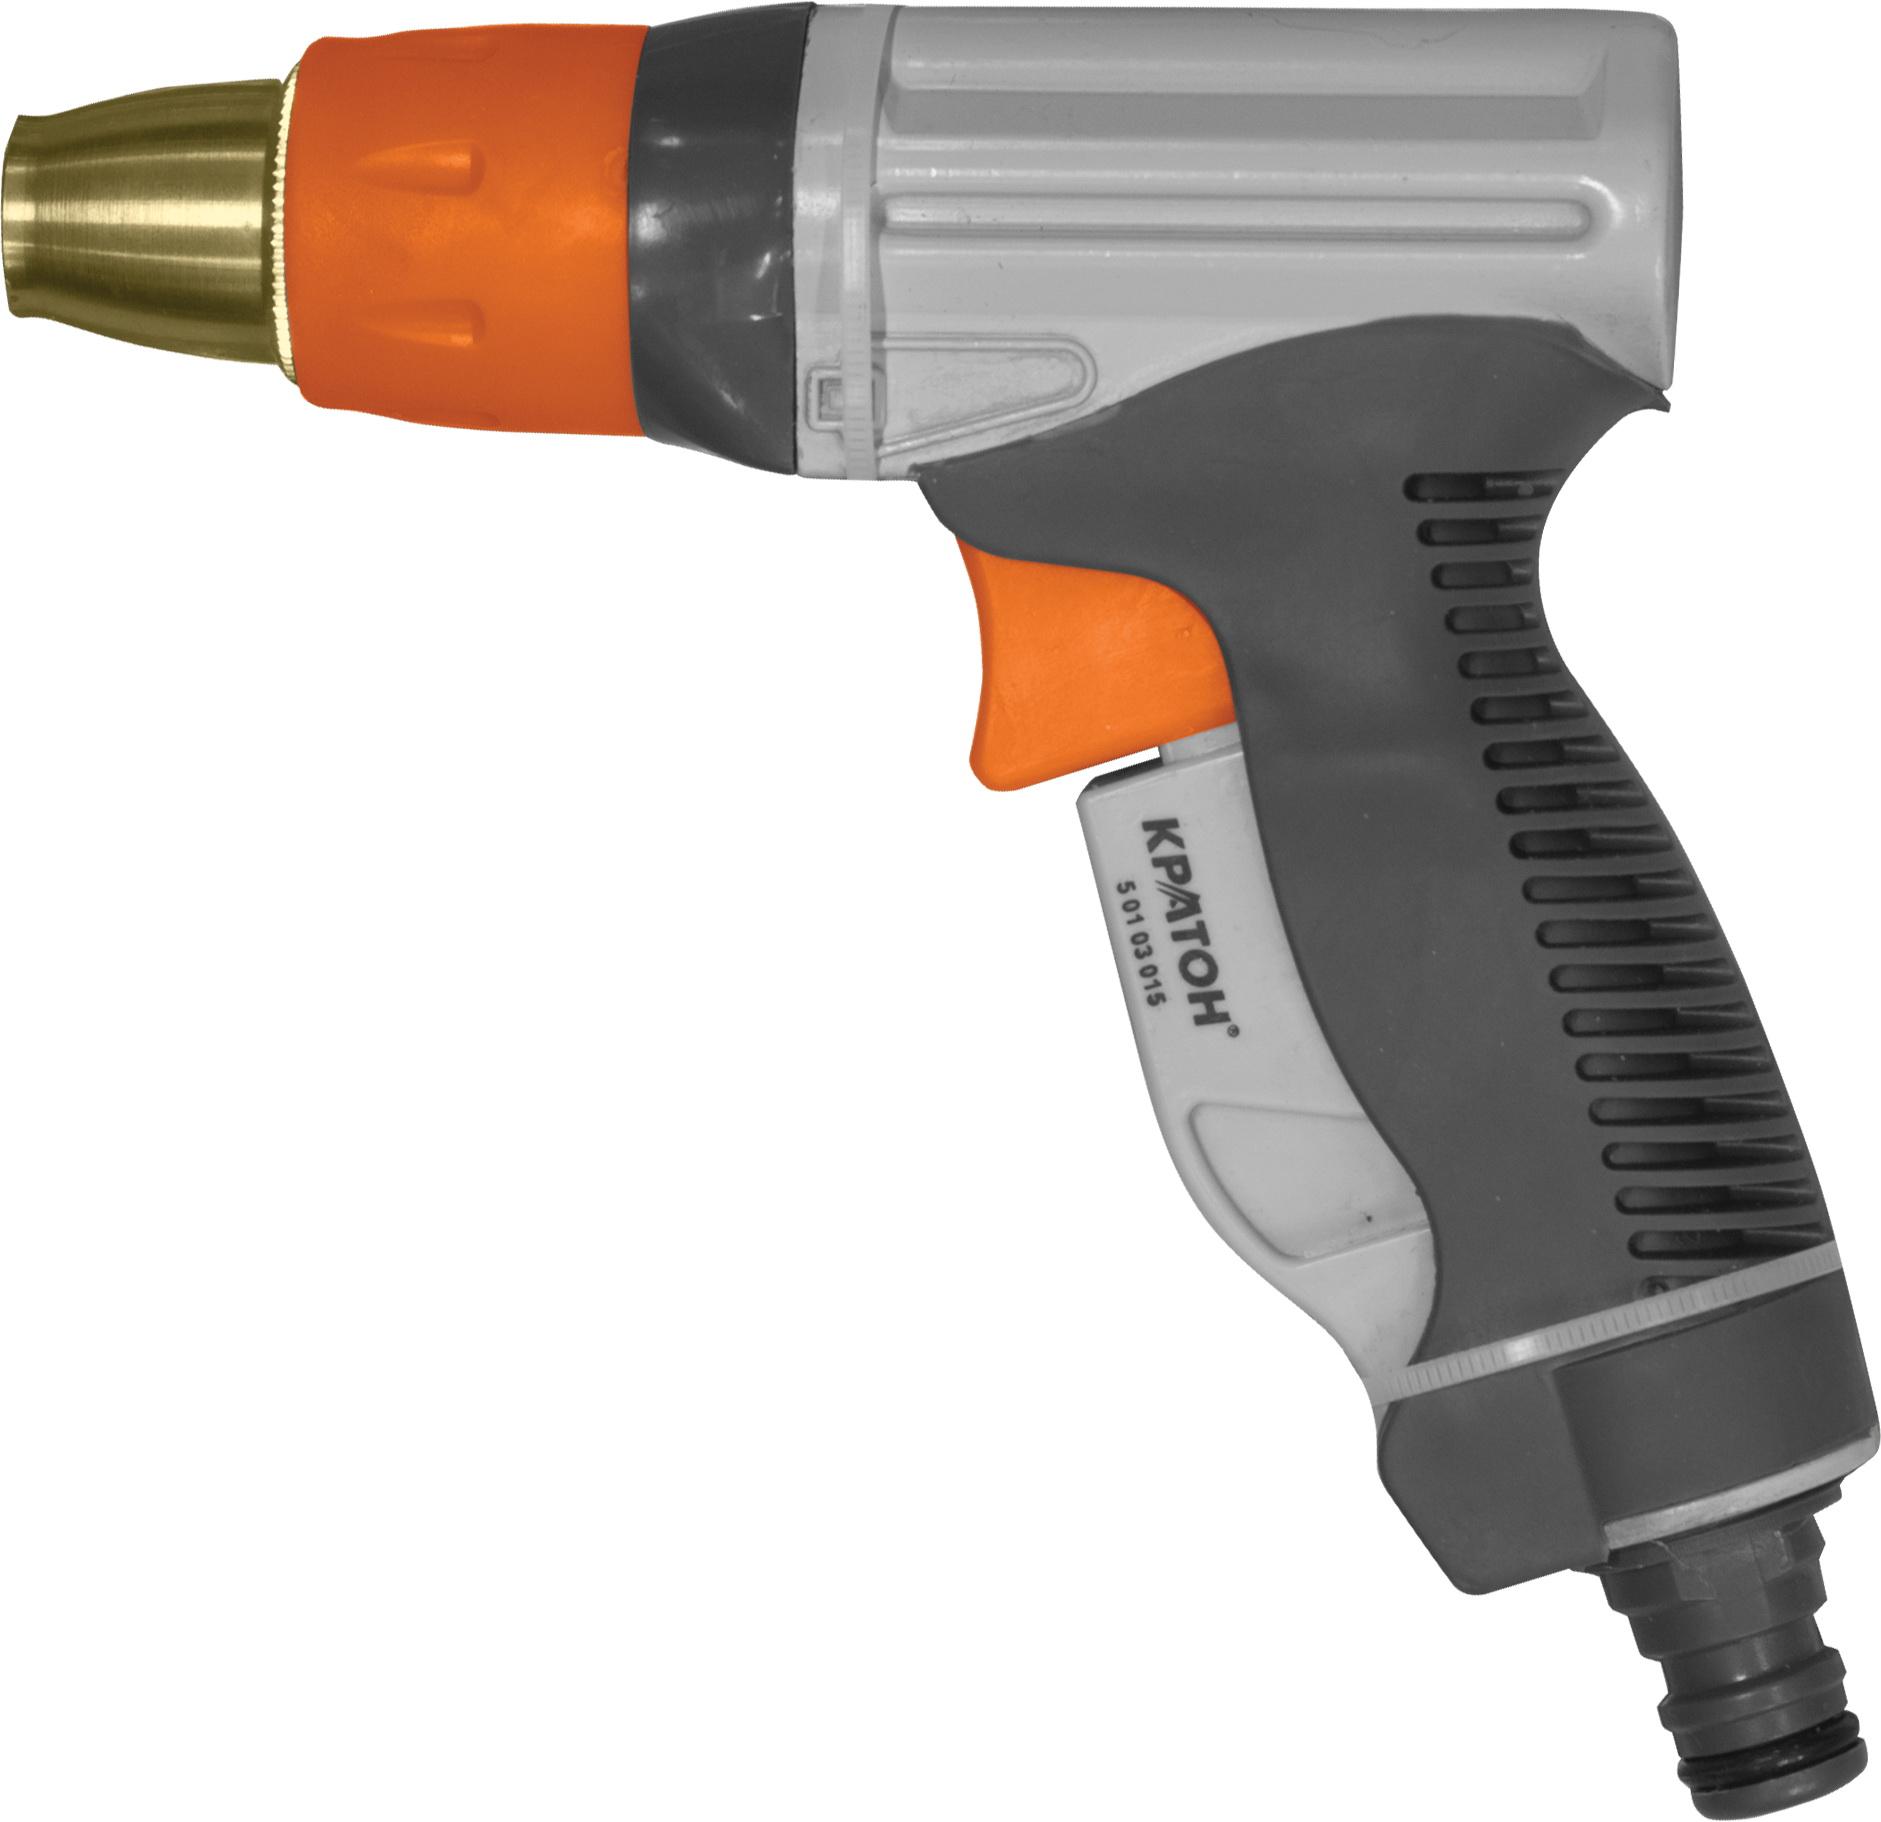 Пистолет для полива КРАТОНПистолеты для шлангов и распылители<br>Тип: пистолет-распылитель, Материал: пластик, Регулируемый: есть<br>